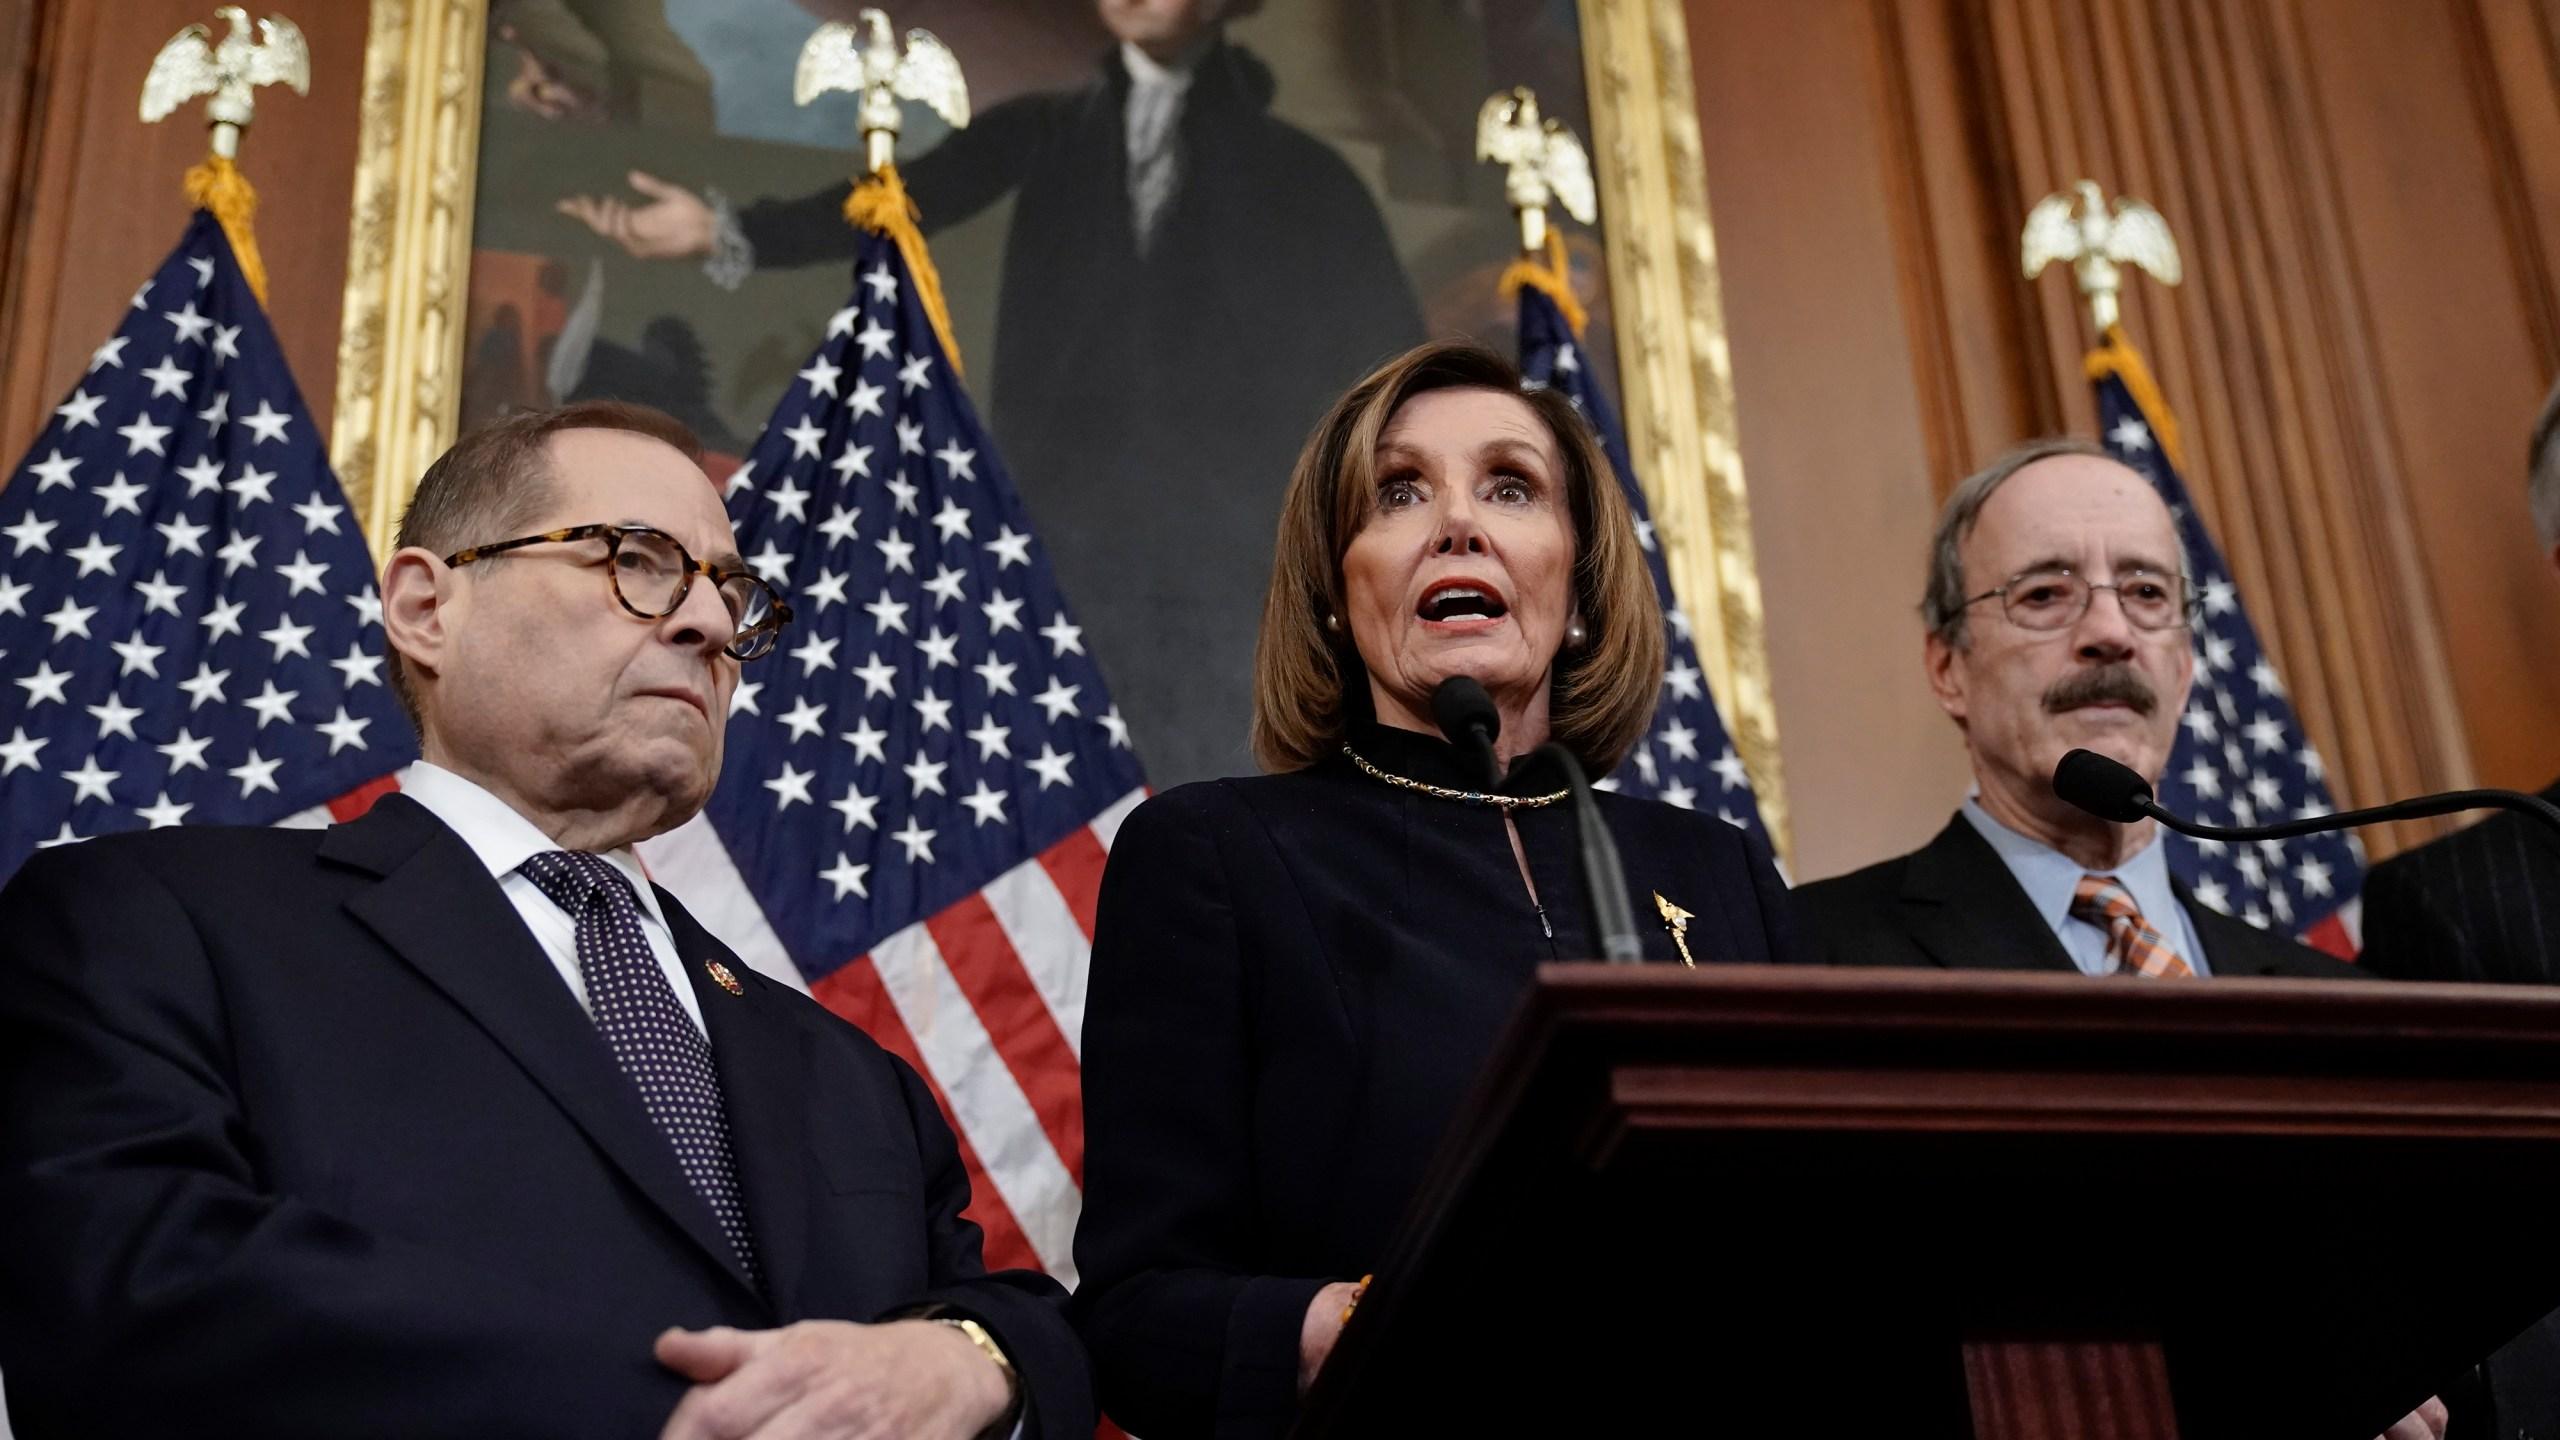 Nancy Pelosi, Jerrold Nadler, Eliot Engel